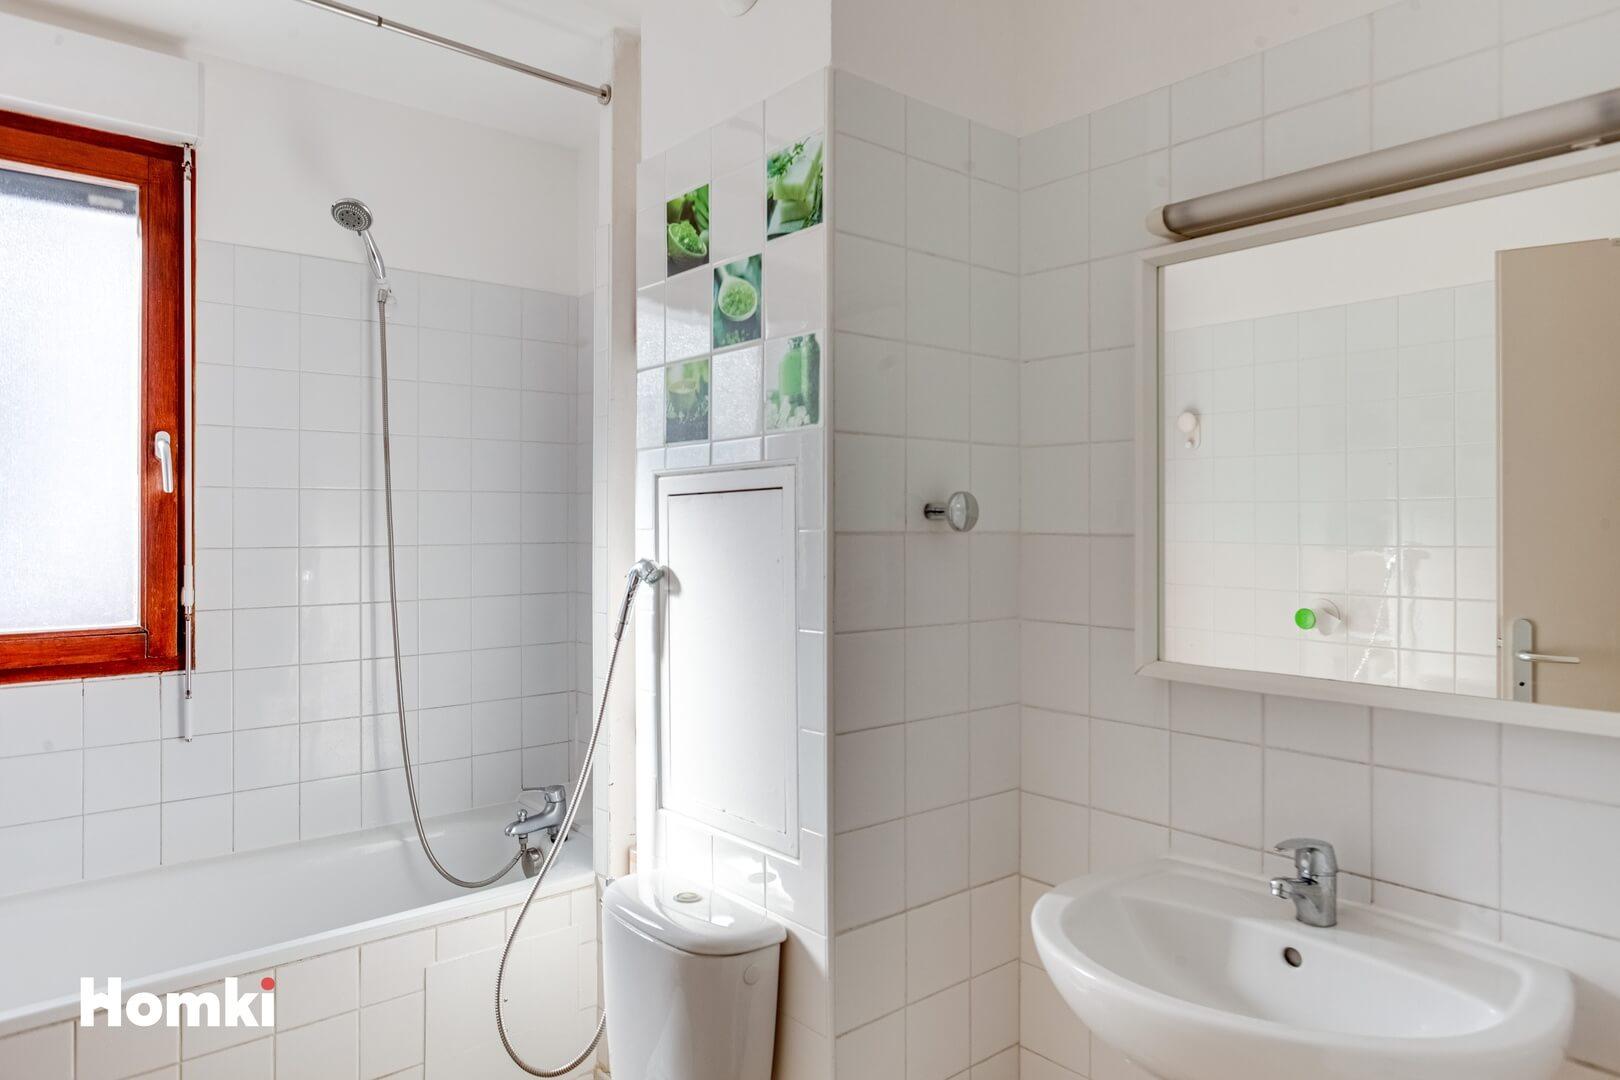 Homki - Vente maison/villa  de 107.0 m² à Grenoble 38100